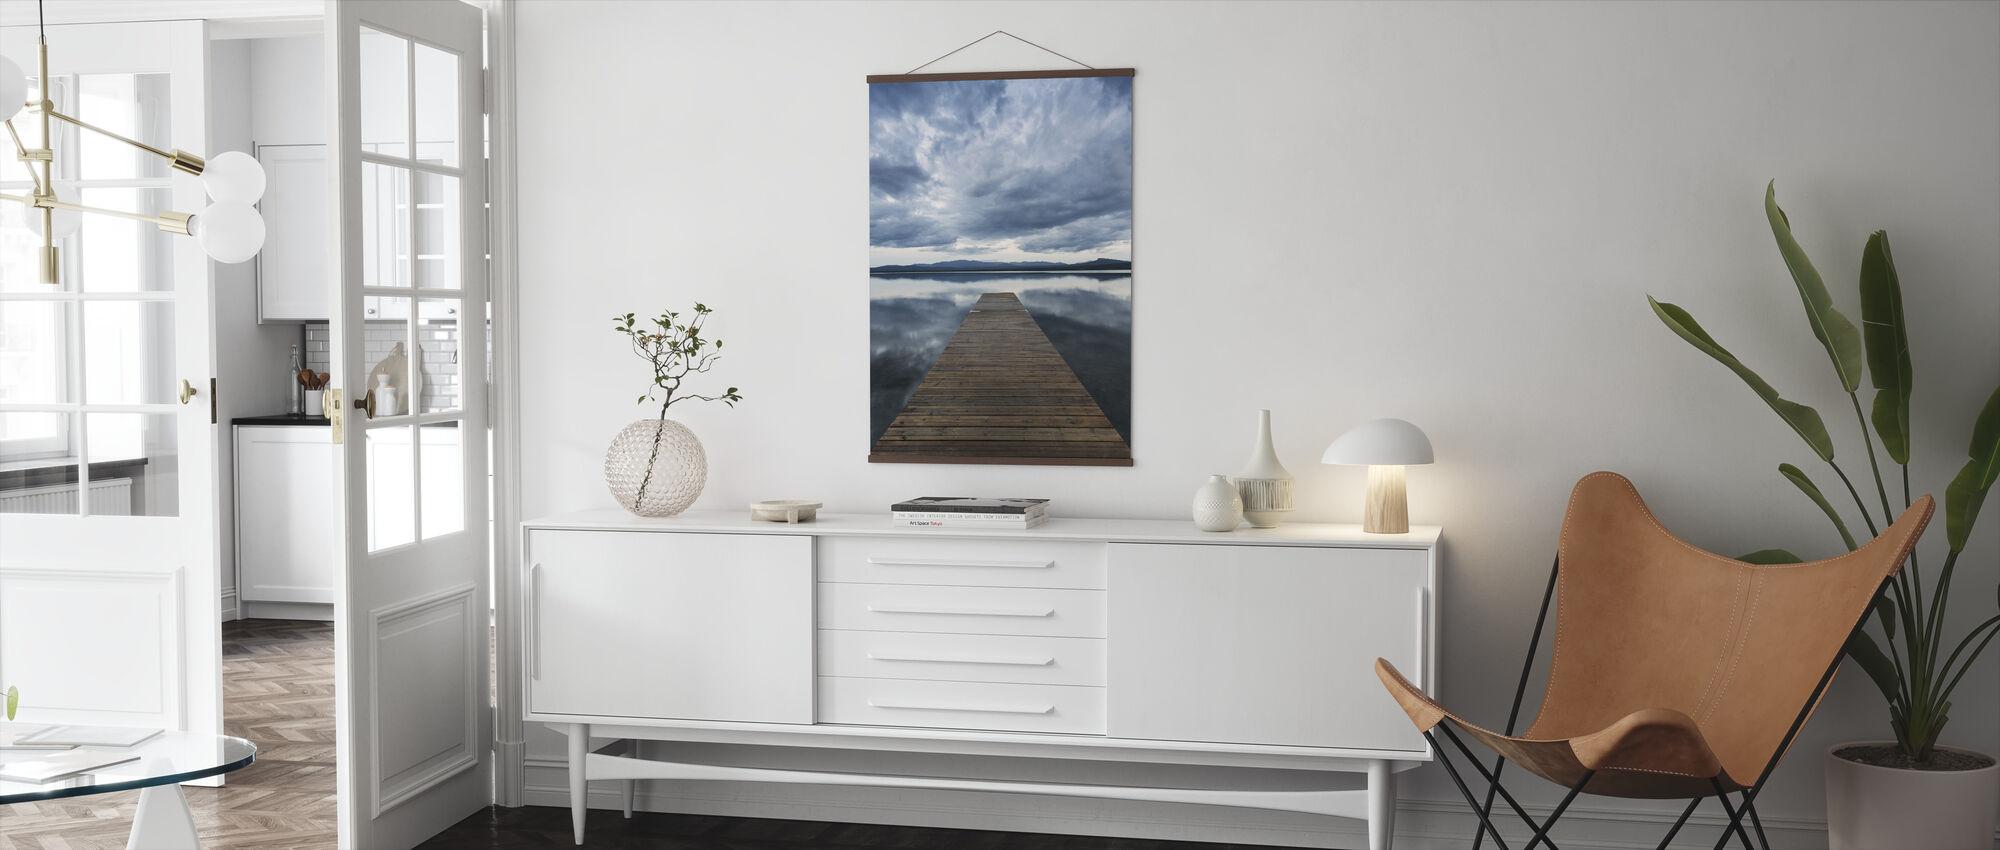 Pier Overcast - Poster - Living Room